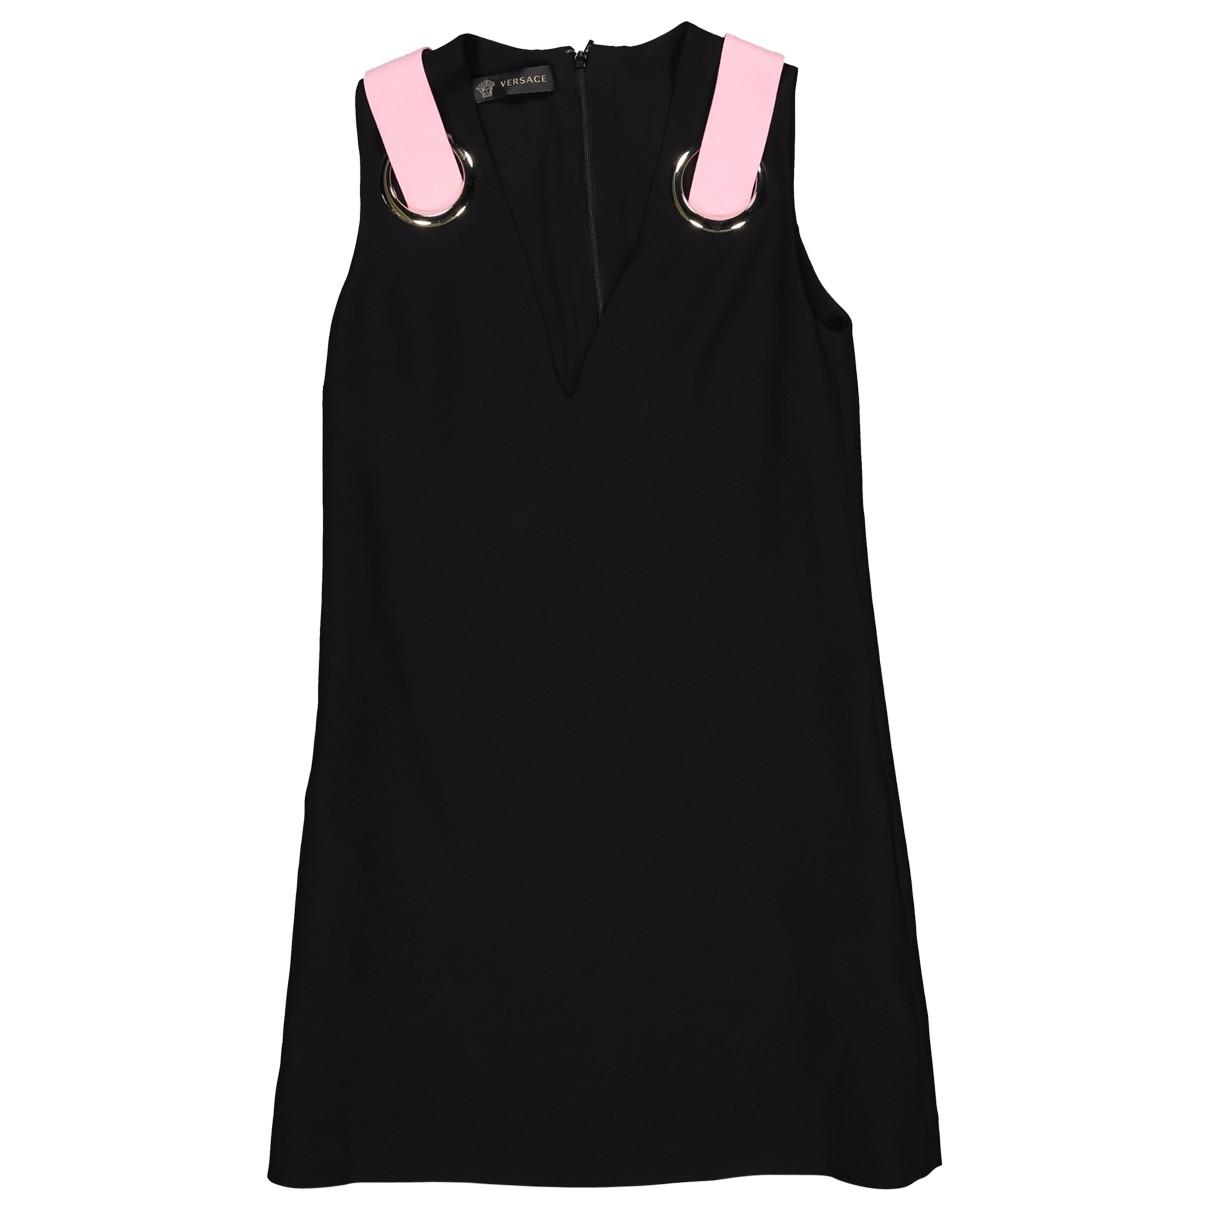 Versace \N Black Silk dress for Women 38 IT